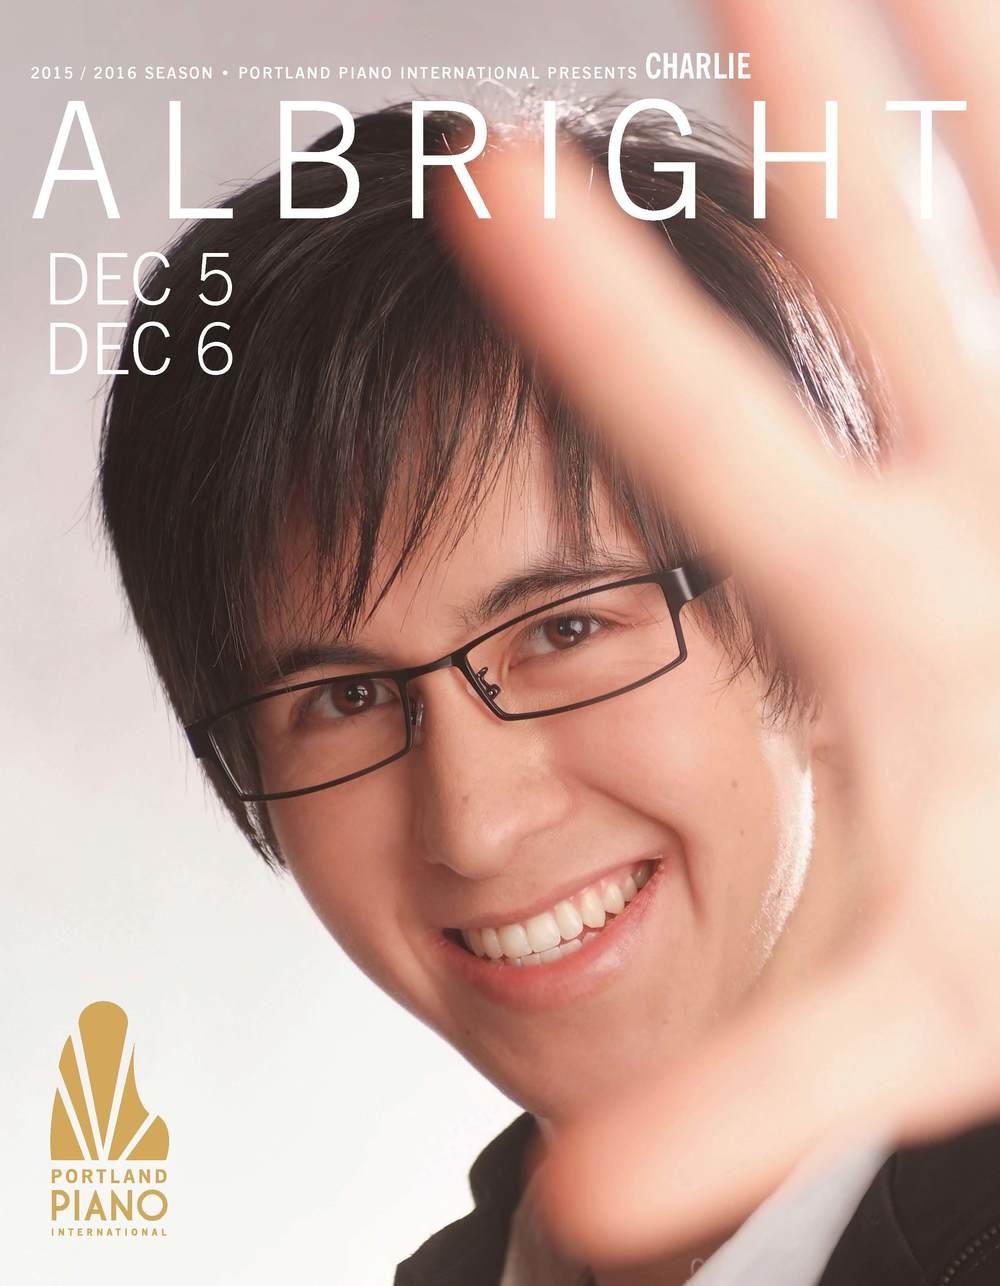 PPI_Program_Albright v2_Page_01.jpg